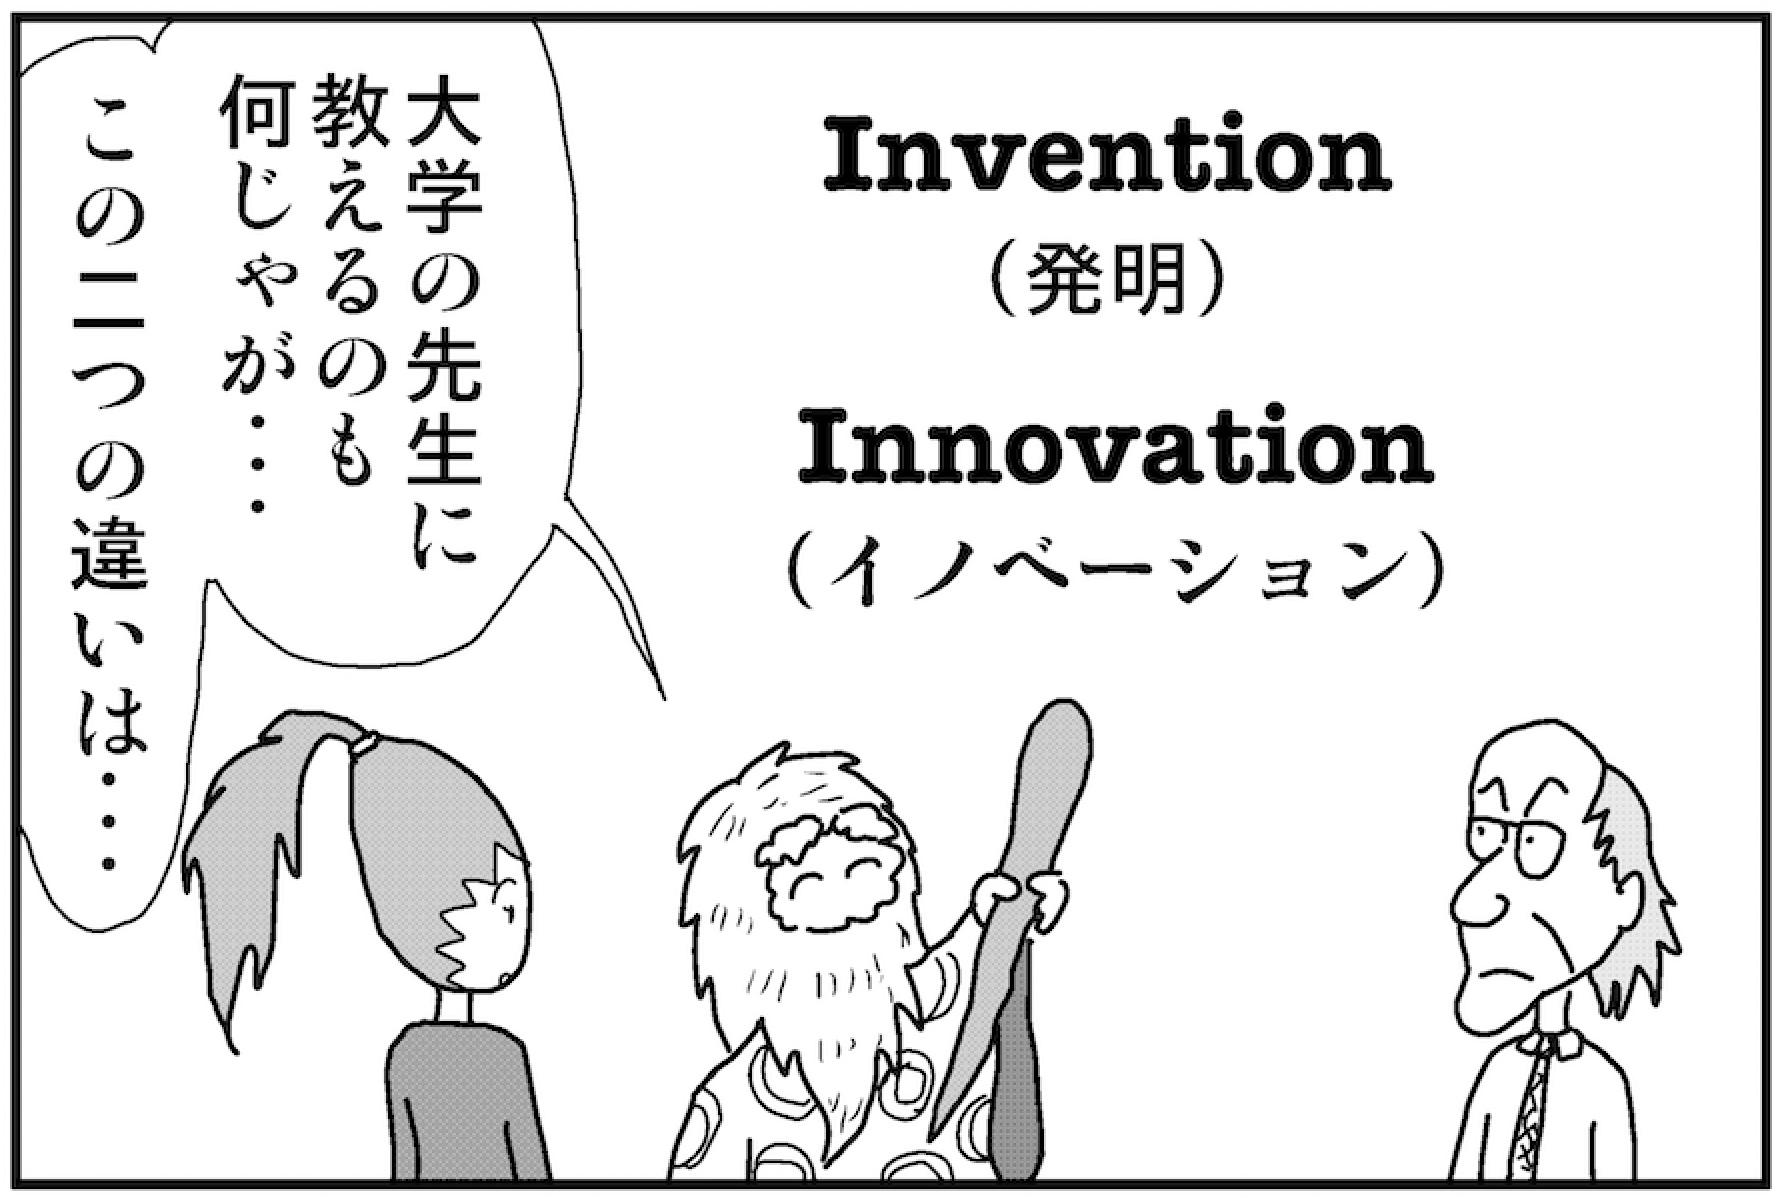 【連載/4コマ漫画コラム(57)】 イノベーションを生み出す産学連携の仕方とは?